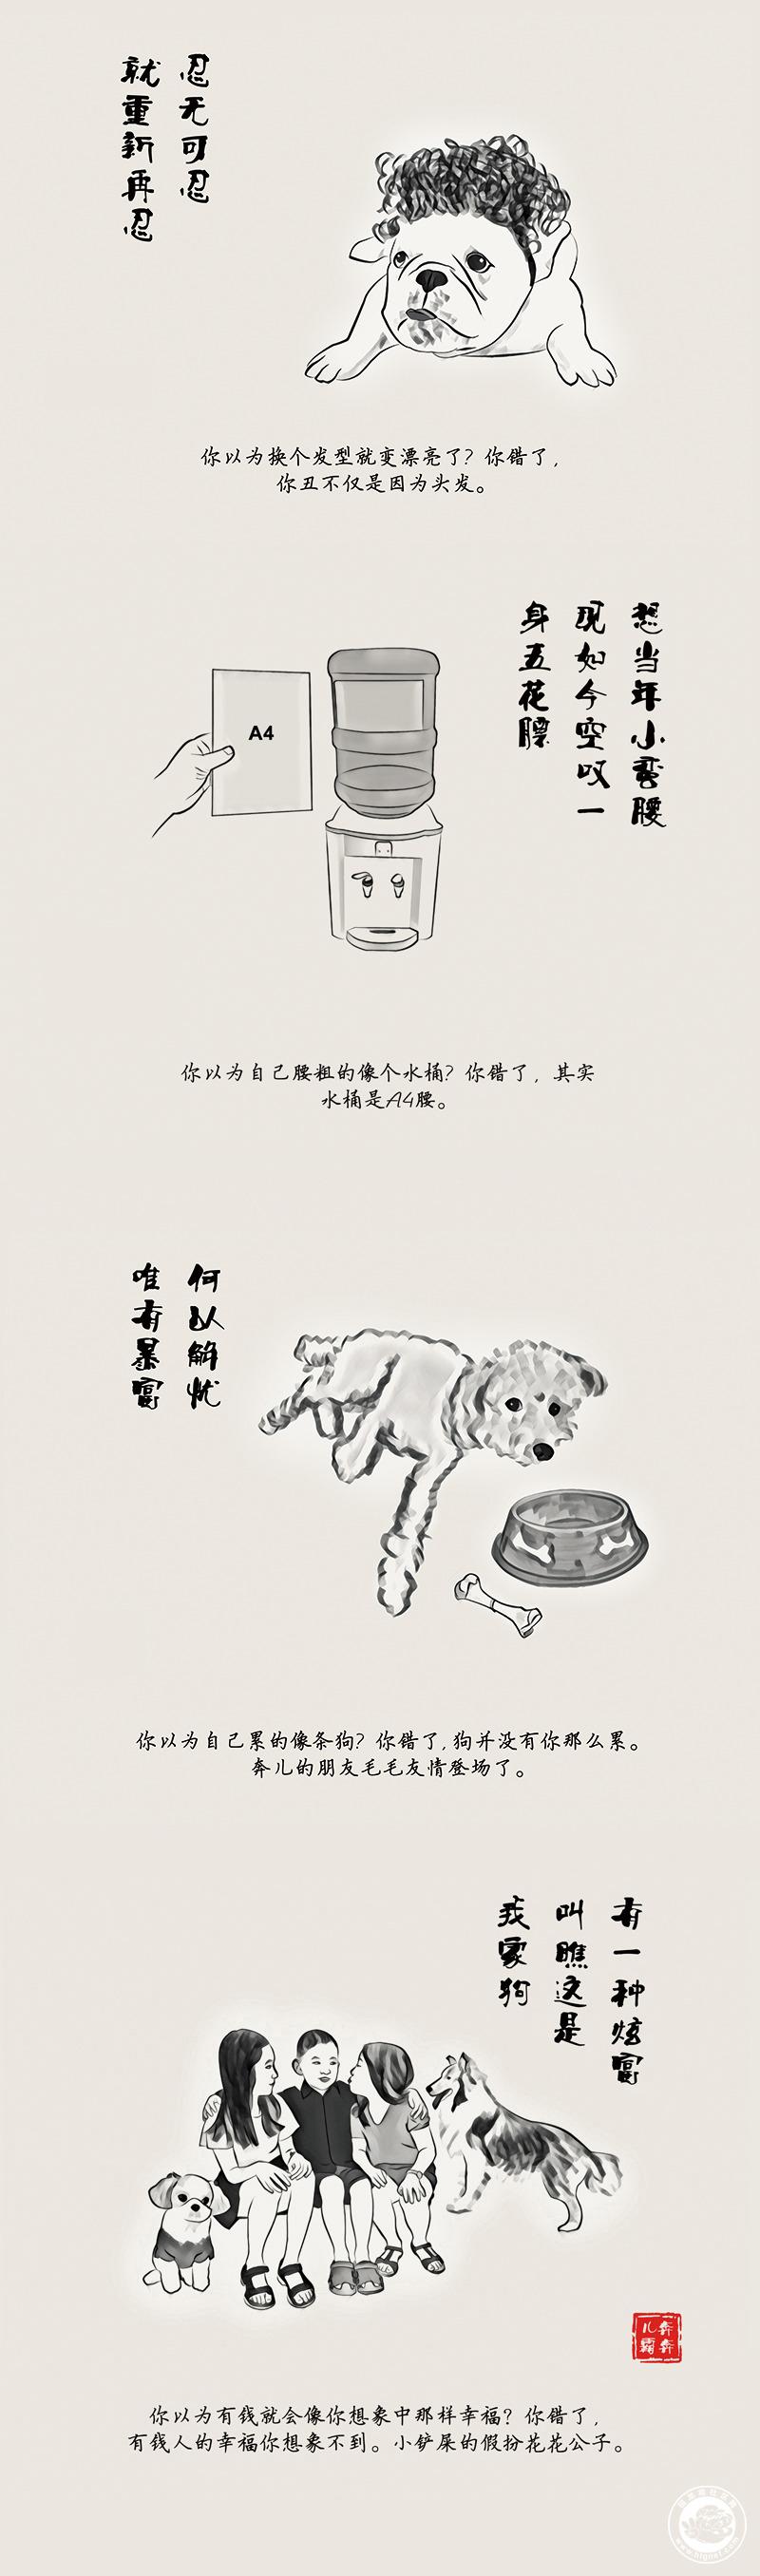 012花花公子a.jpg